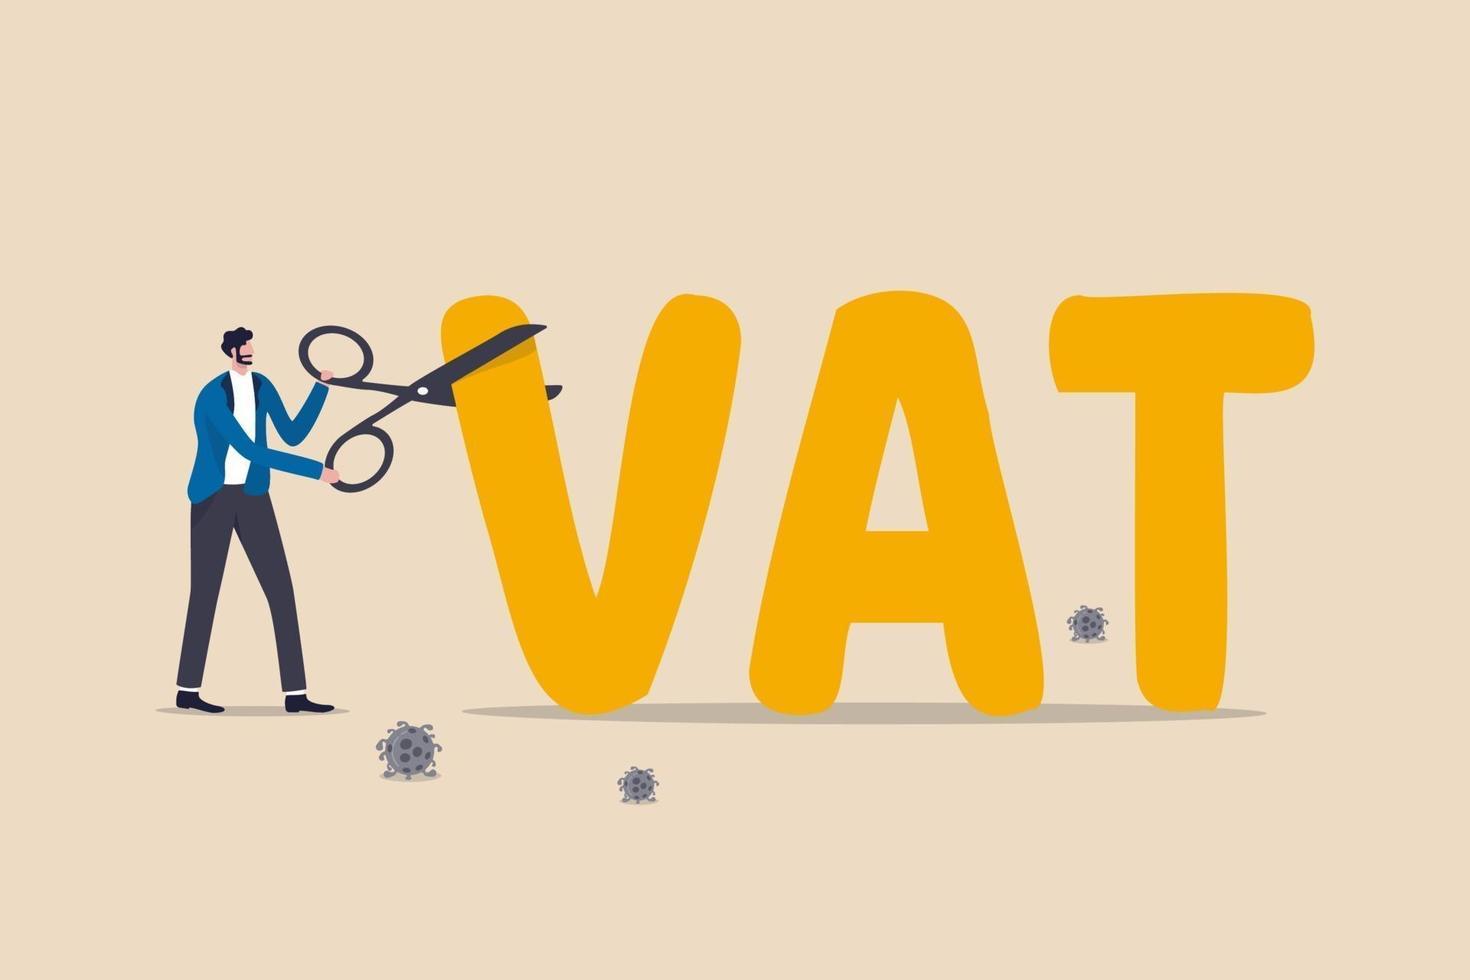 politique monétaire du gouvernement pour réduire la TVA ou réduire le taux d'imposition pour aider à la reprise économique après la pandémie de coronavirus covid-19, le gouvernement, la Fed et la banque centrale utilisant des ciseaux pour réduire ou abaisser le taux de la TVA. vecteur